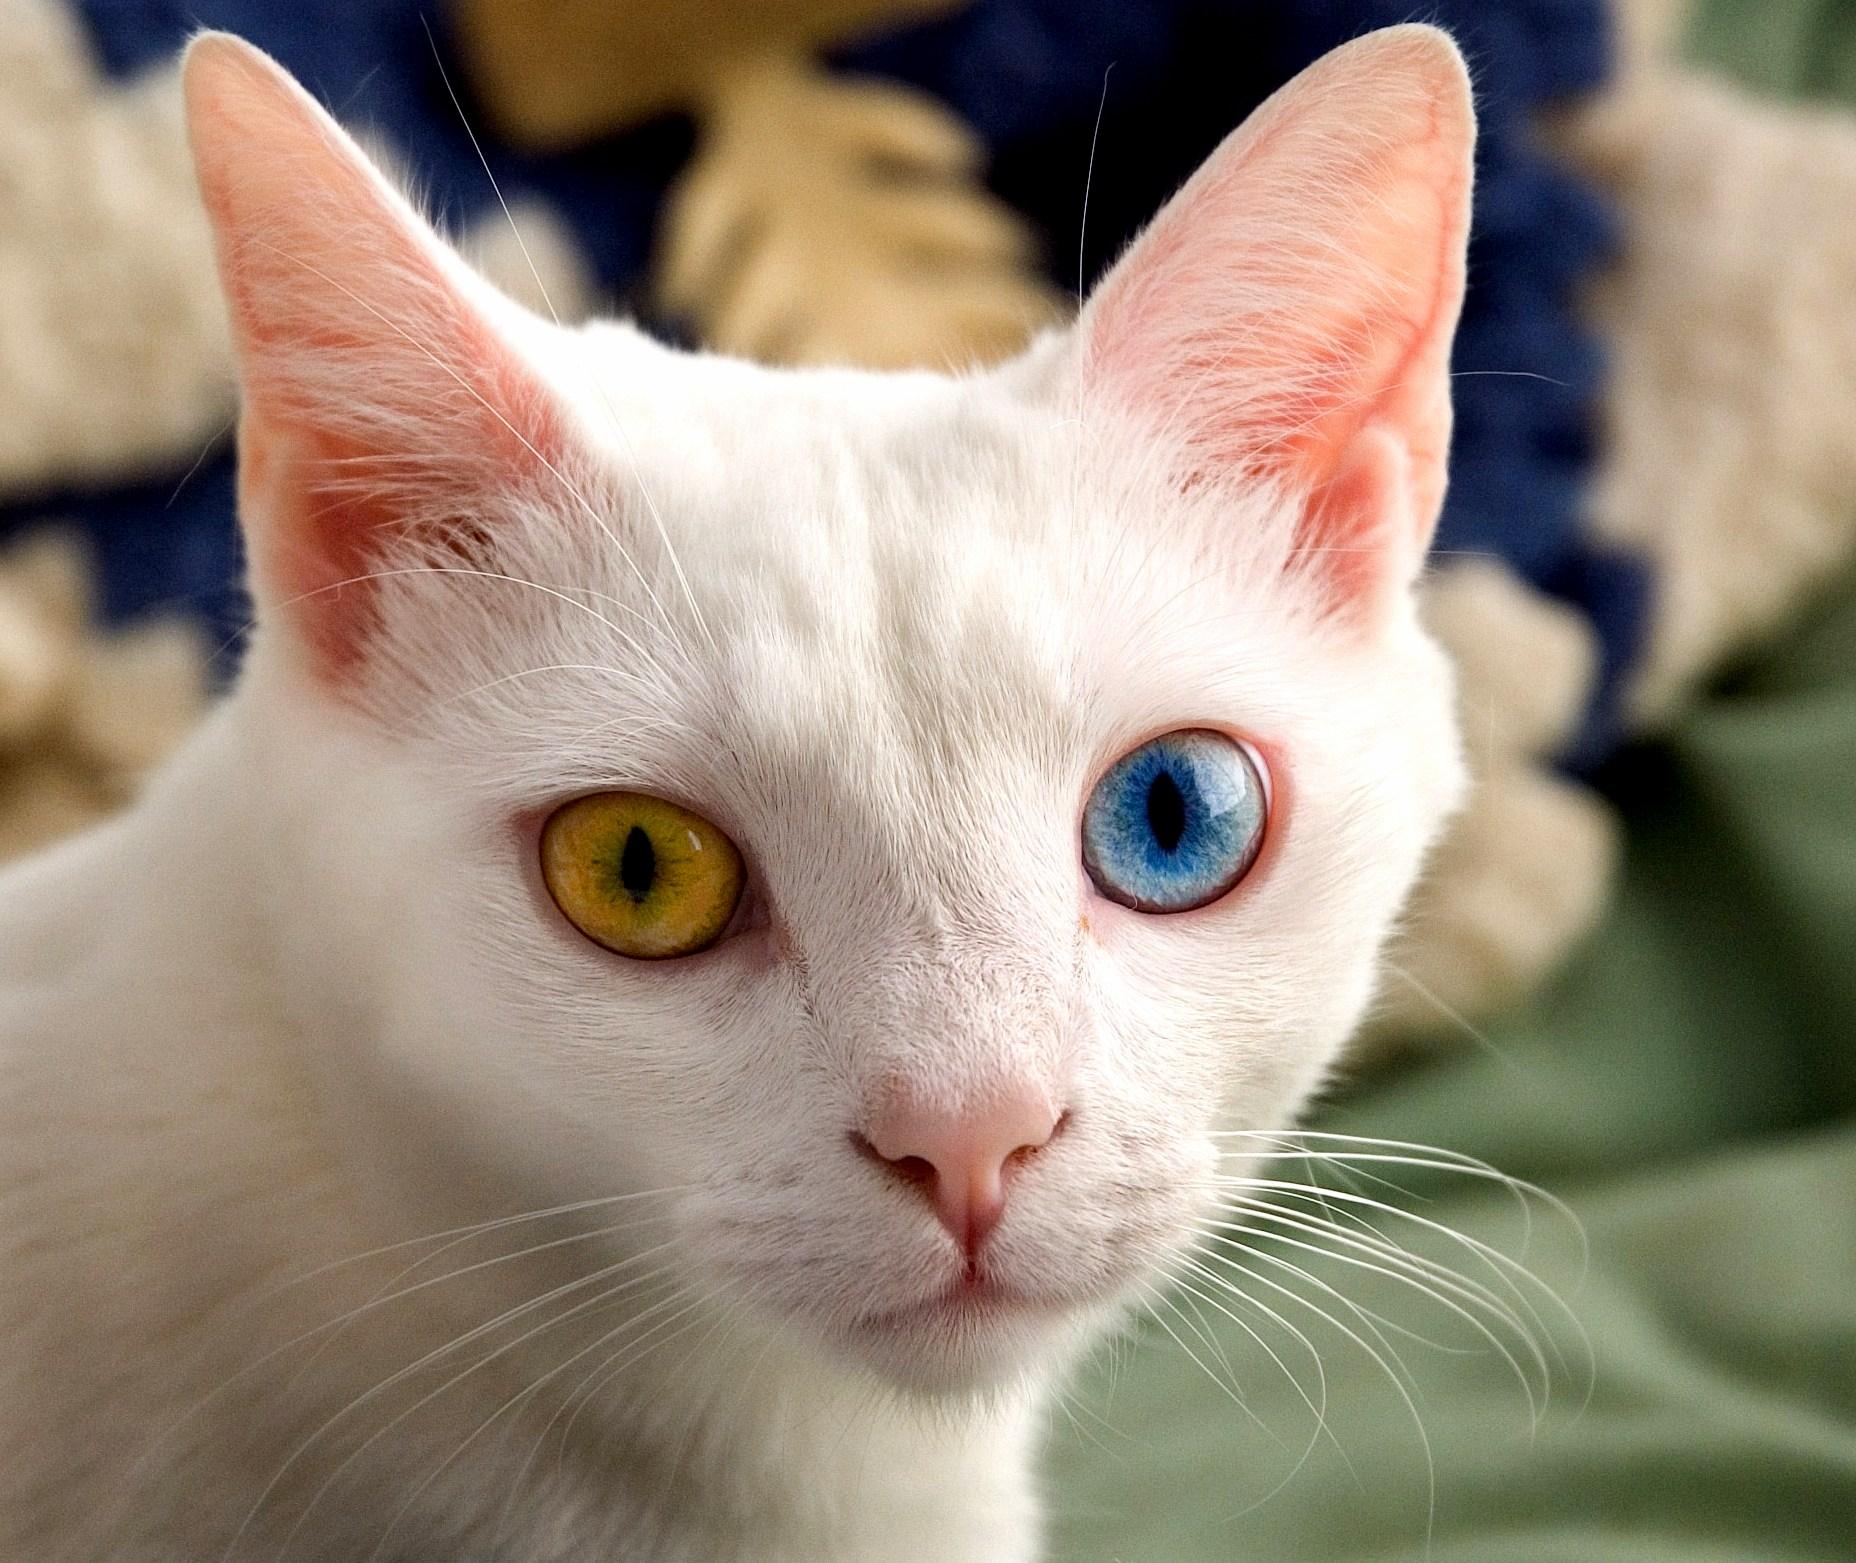 A cool cat